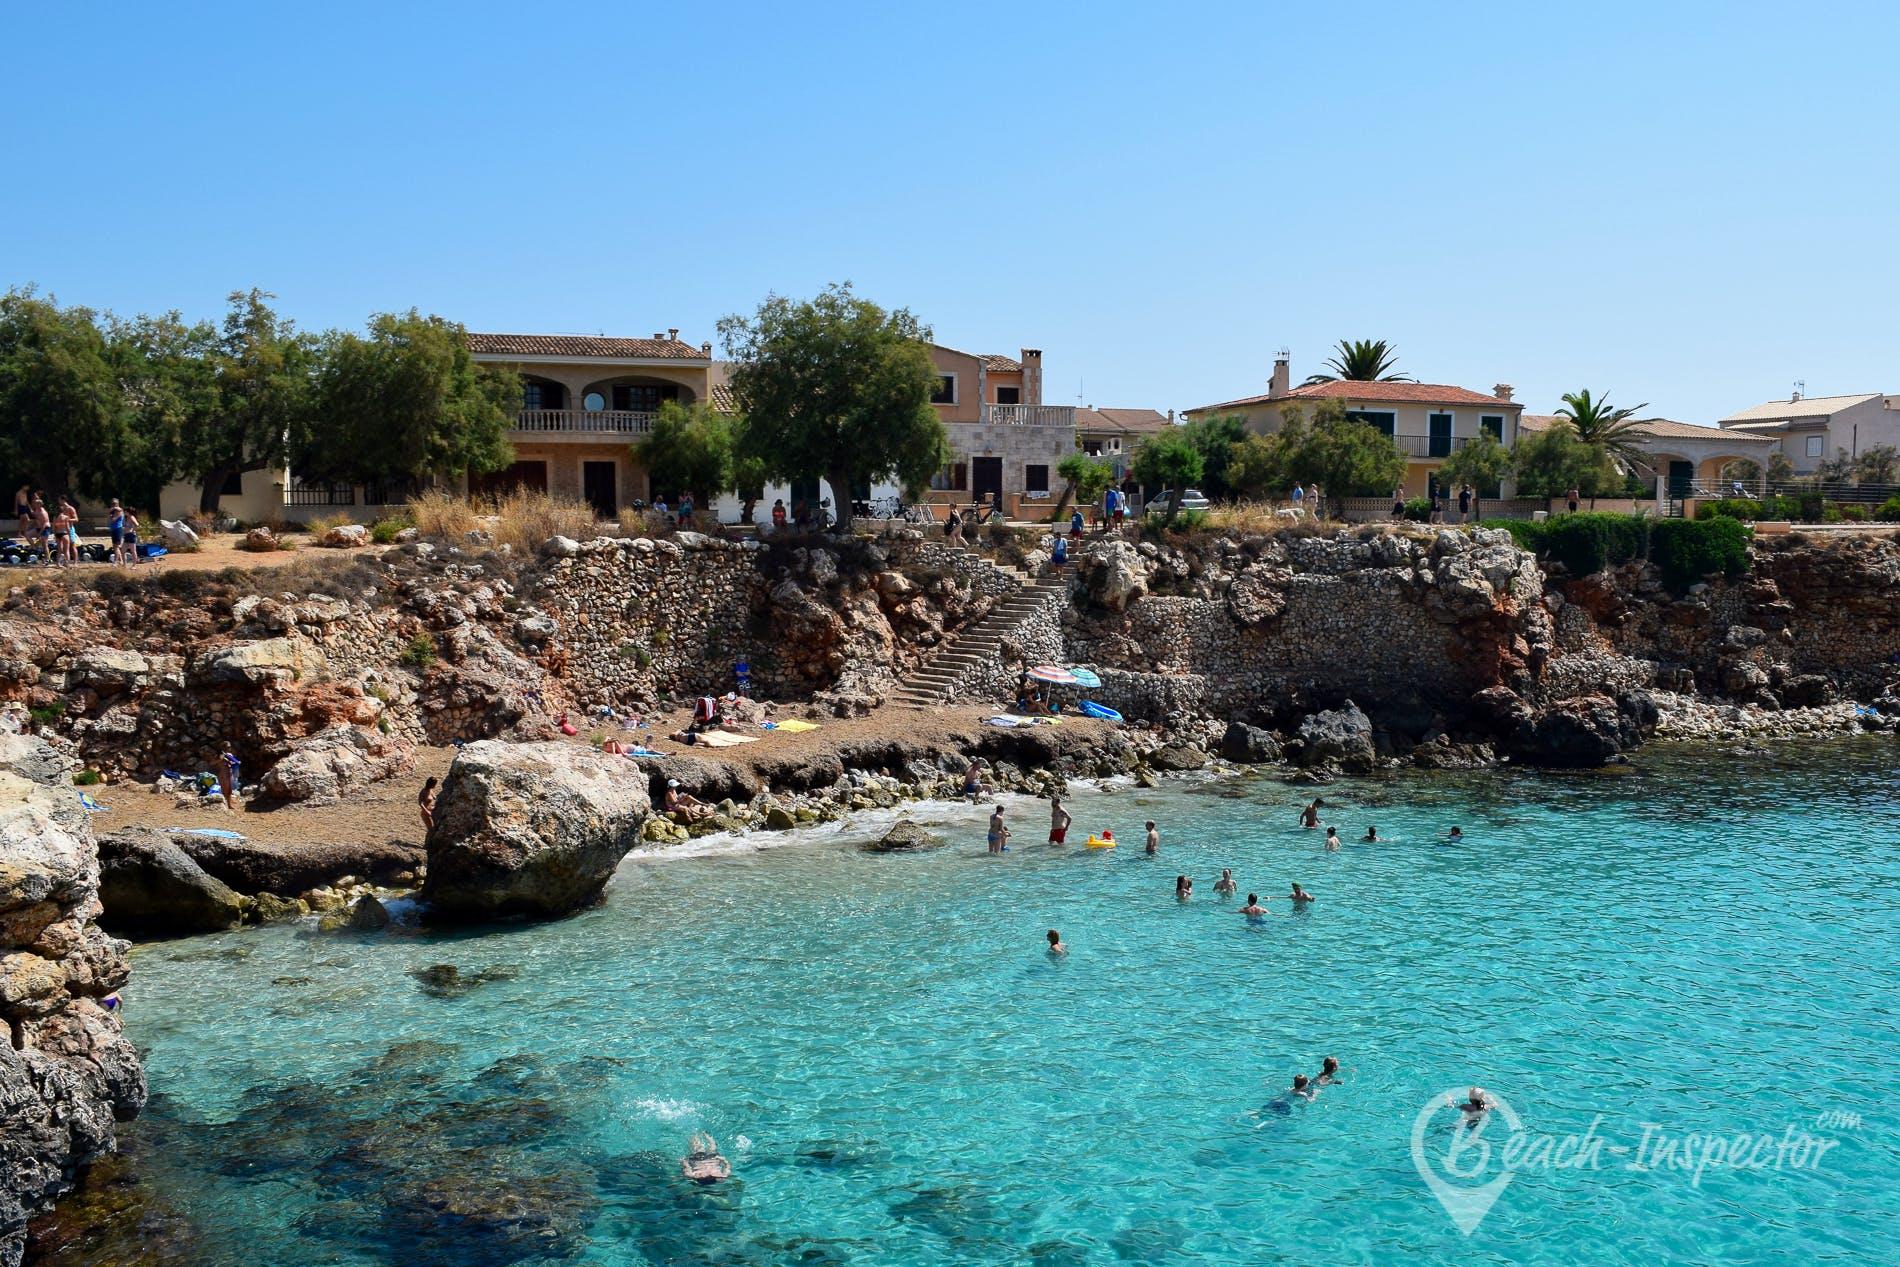 Beach Cala Morlanda, Majorca, Spain